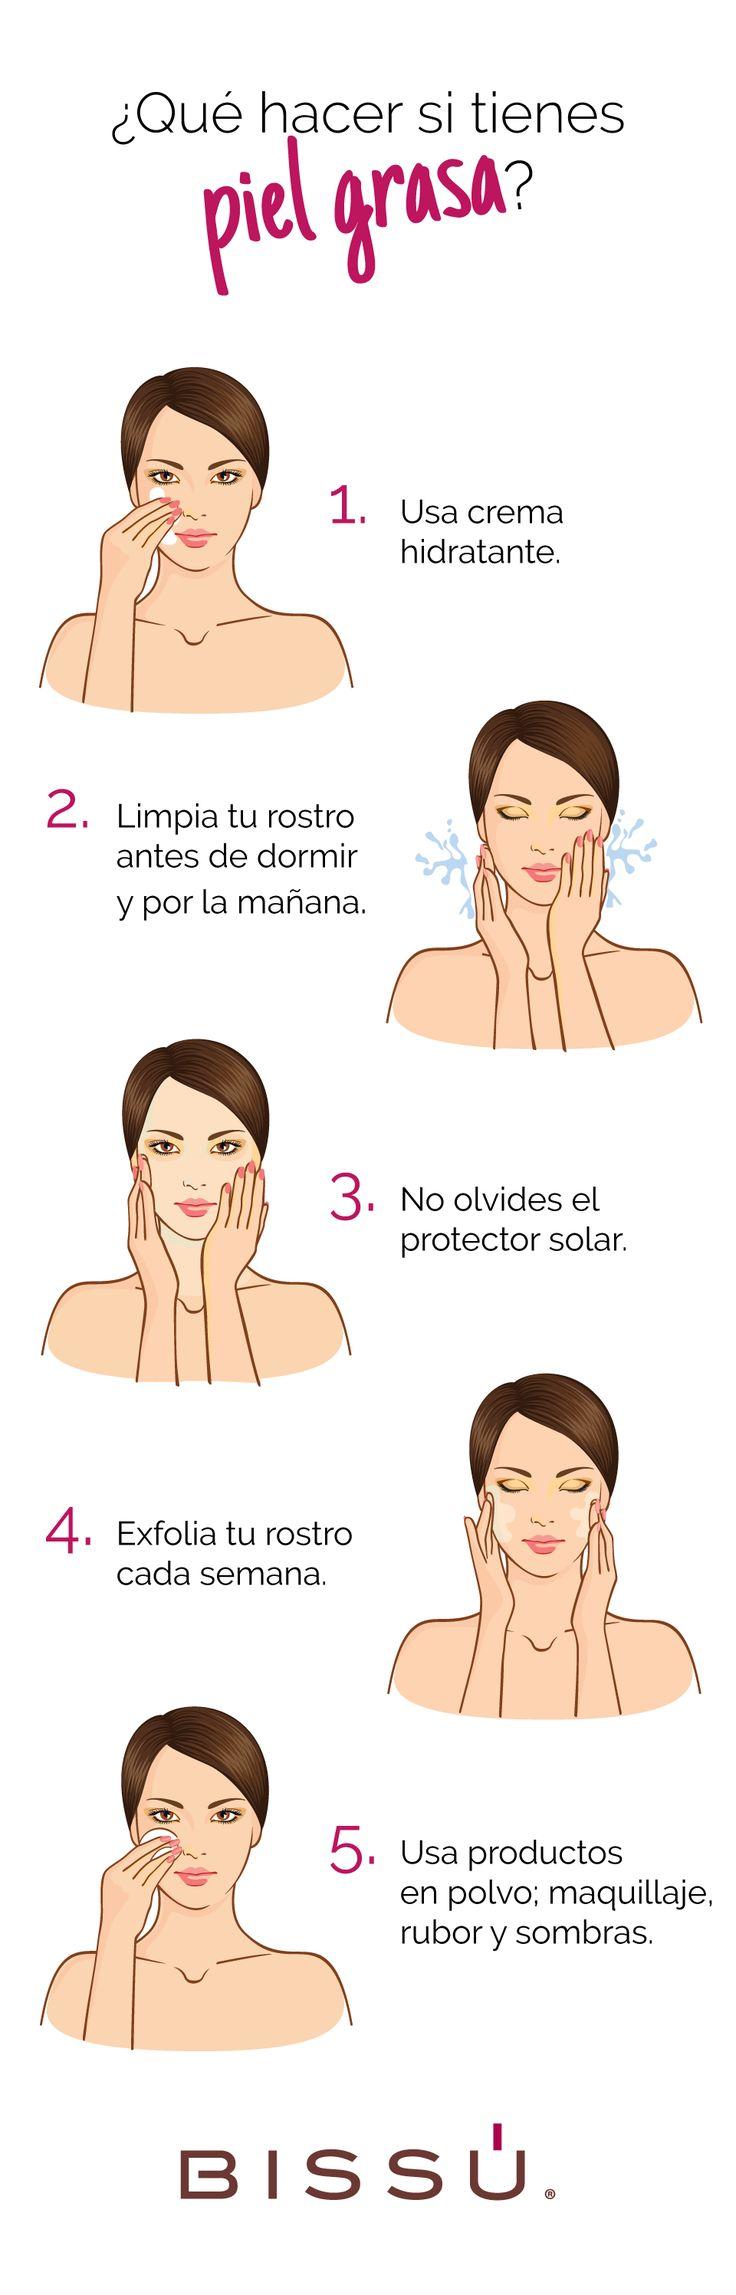 Usa los productos exactos para combatir la piel grasa.